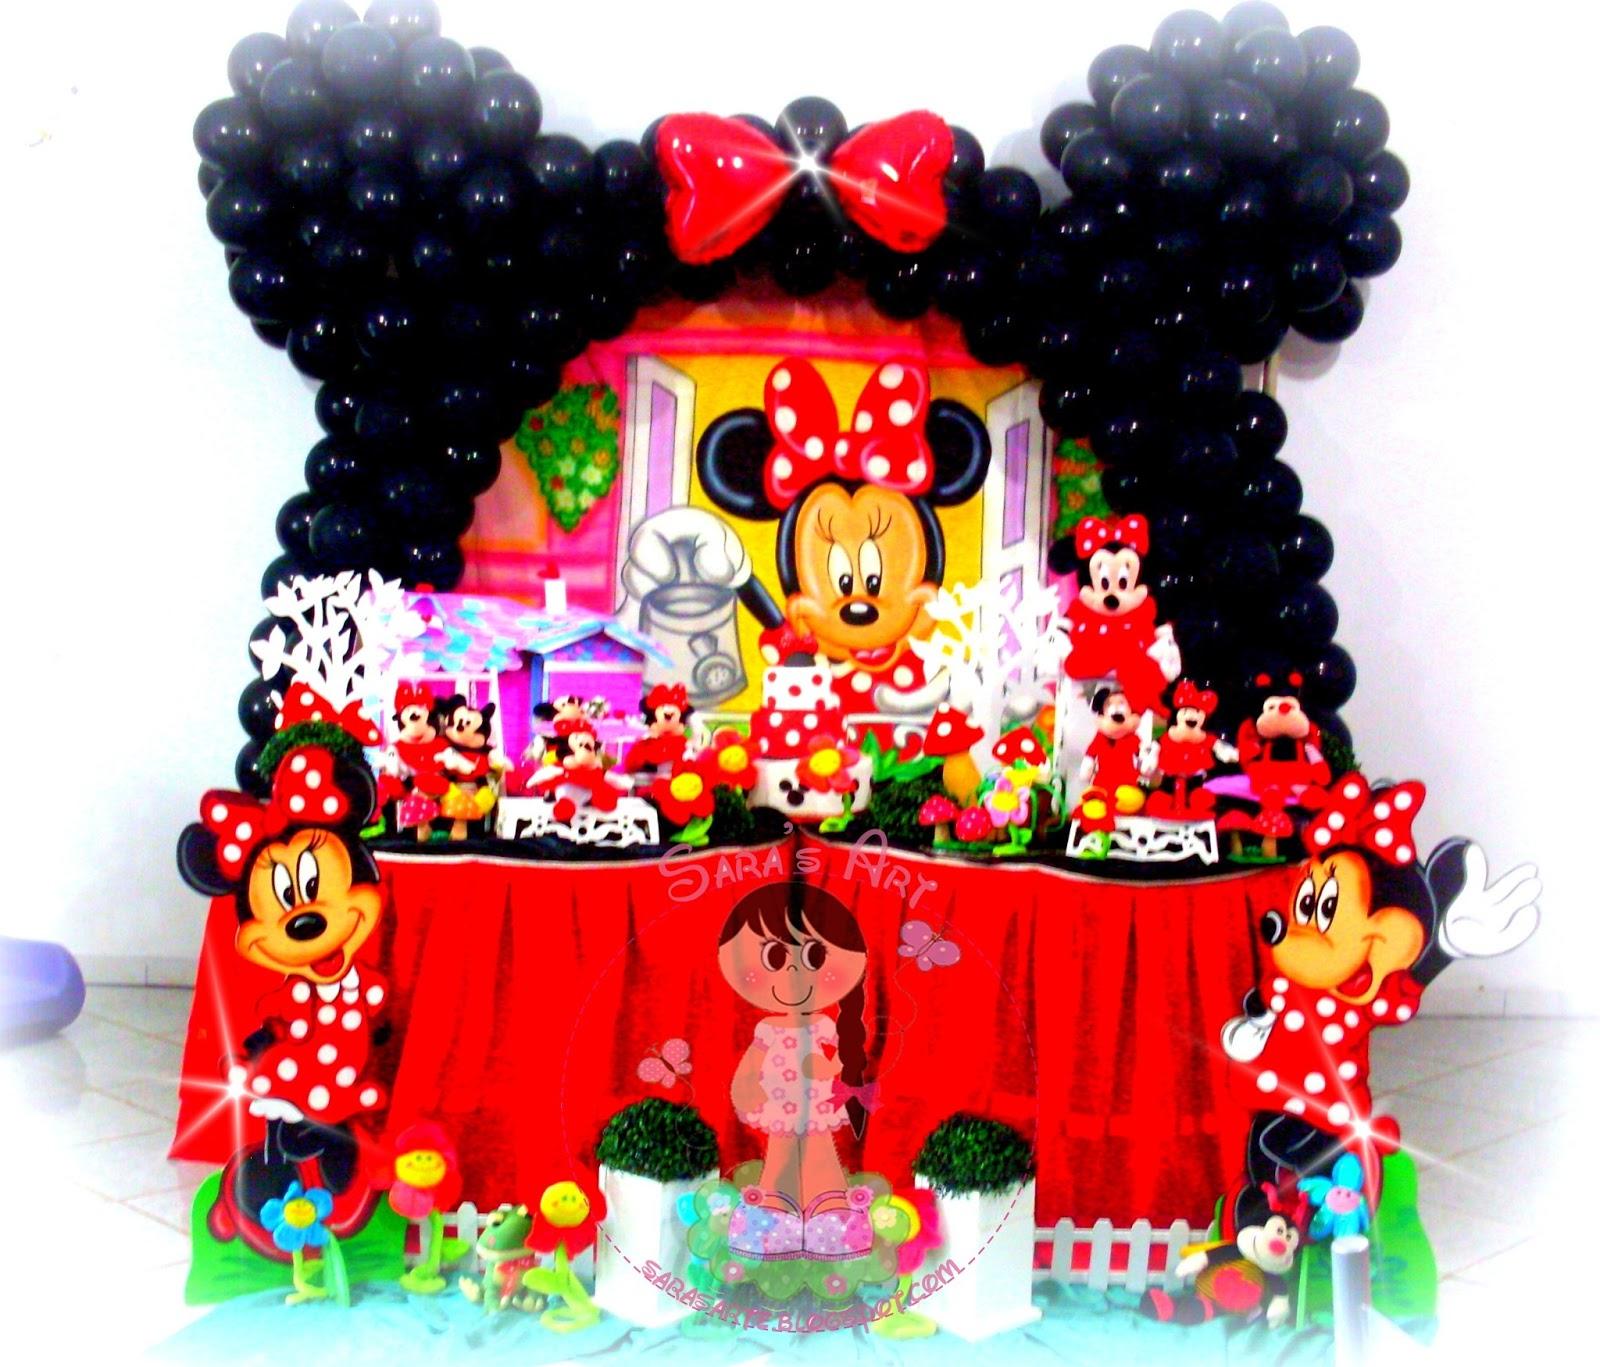 Fazendo arte Decoração Minnie Vermelha